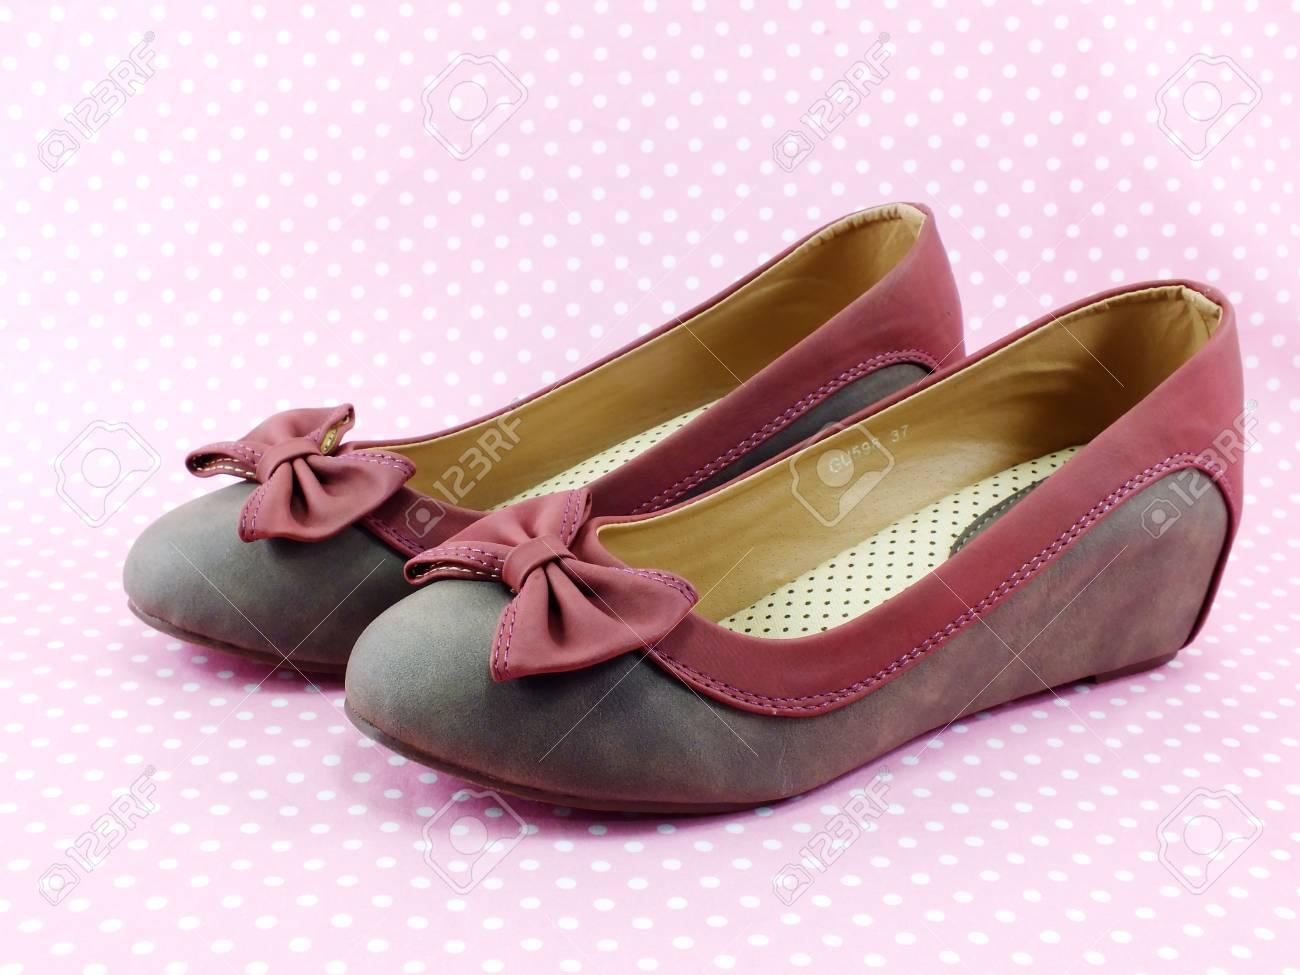 Sobre Archivo Mujer Planos Decoración De 50935041 Con Foto Zapatos Fondo  Arco Rosa FqvfOAYxfw ea7e6691a8a2